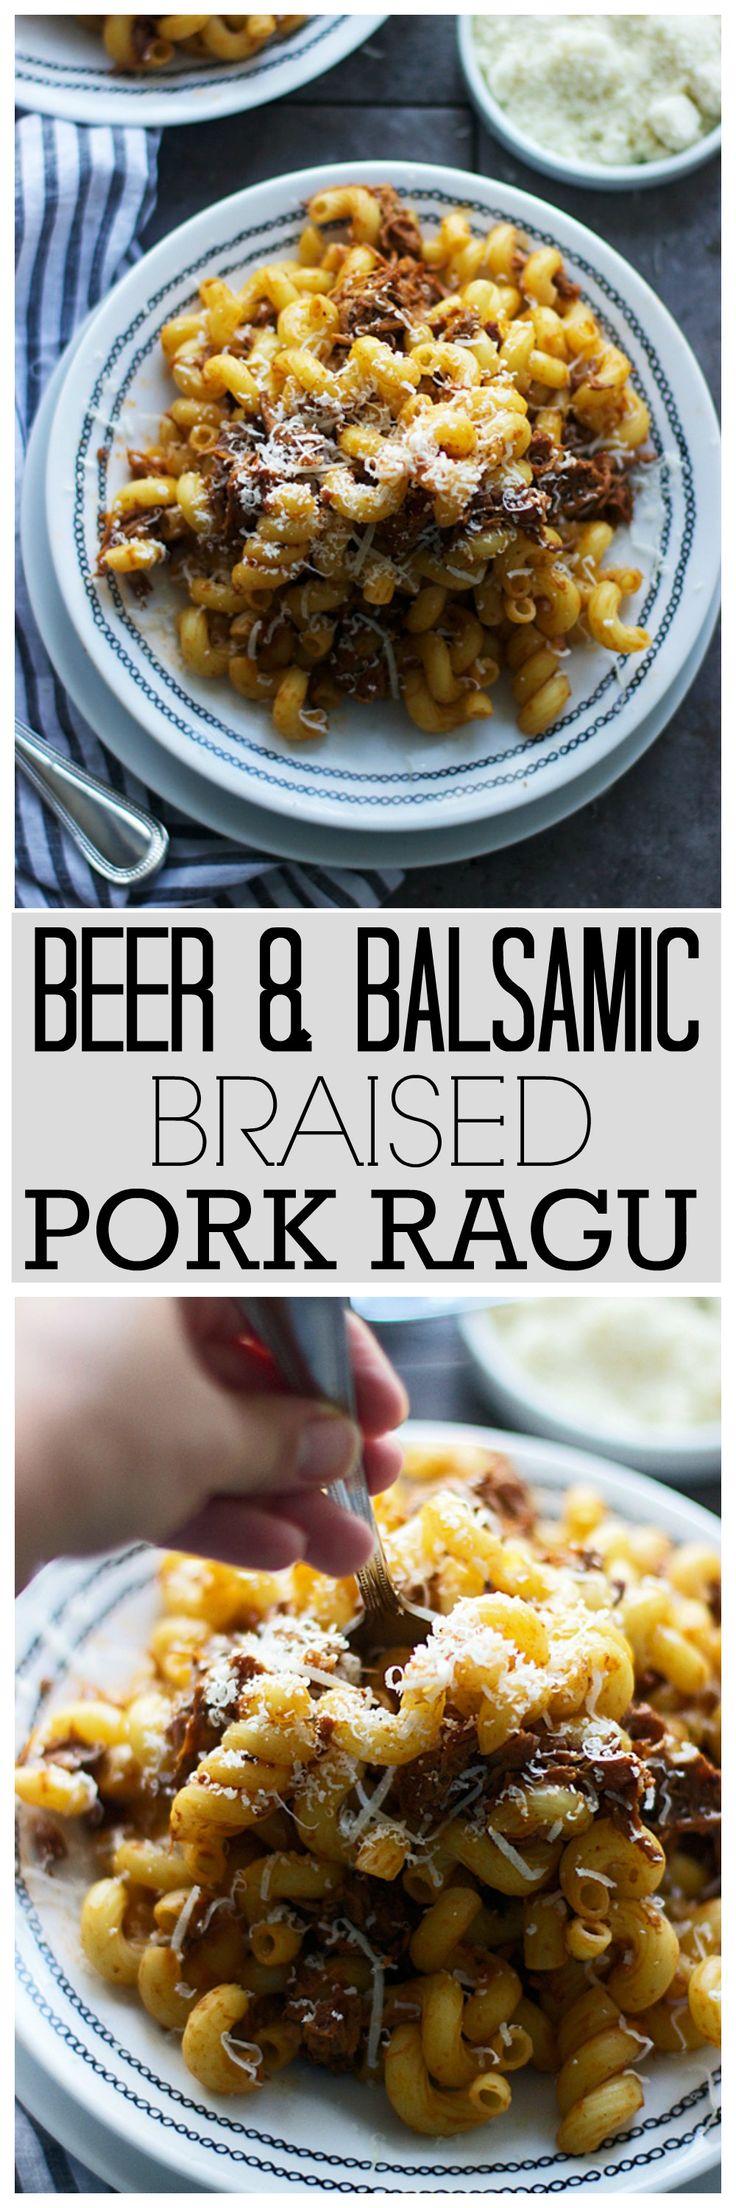 Beer and Balsamic Braised Pork Ragu